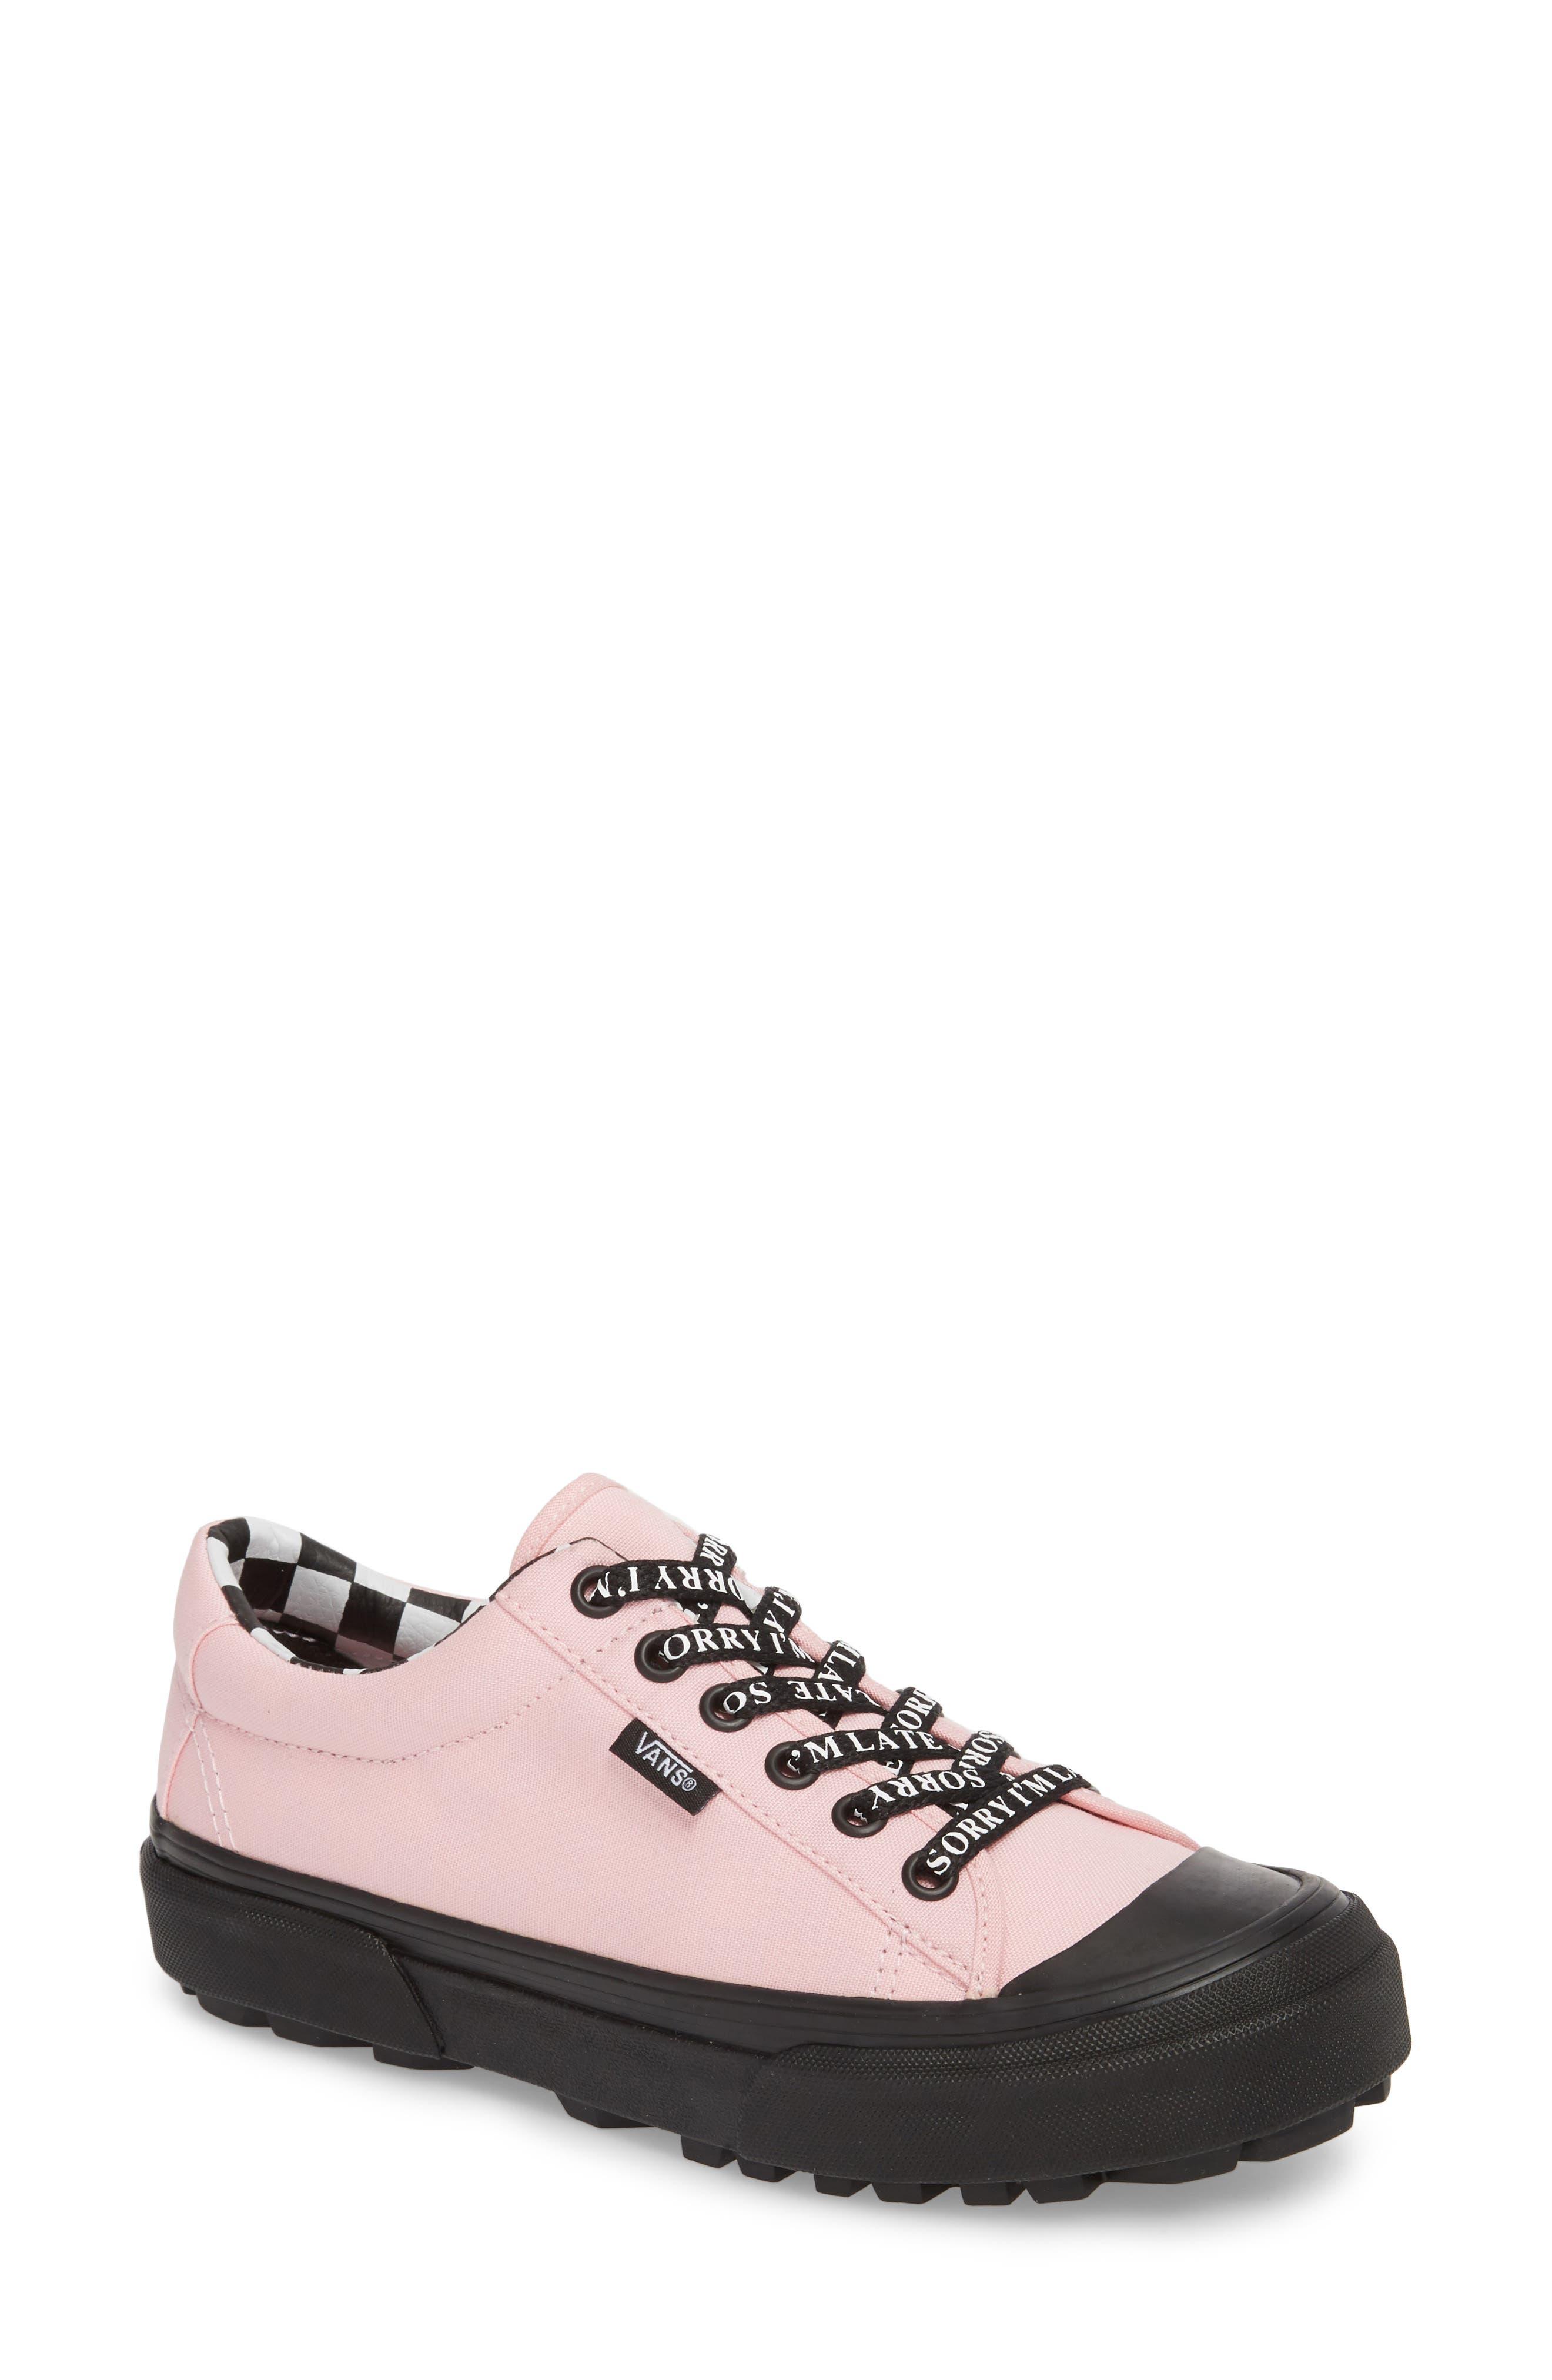 Vans x Lazy Oaf Style 29 Low Top Sneaker (Women)